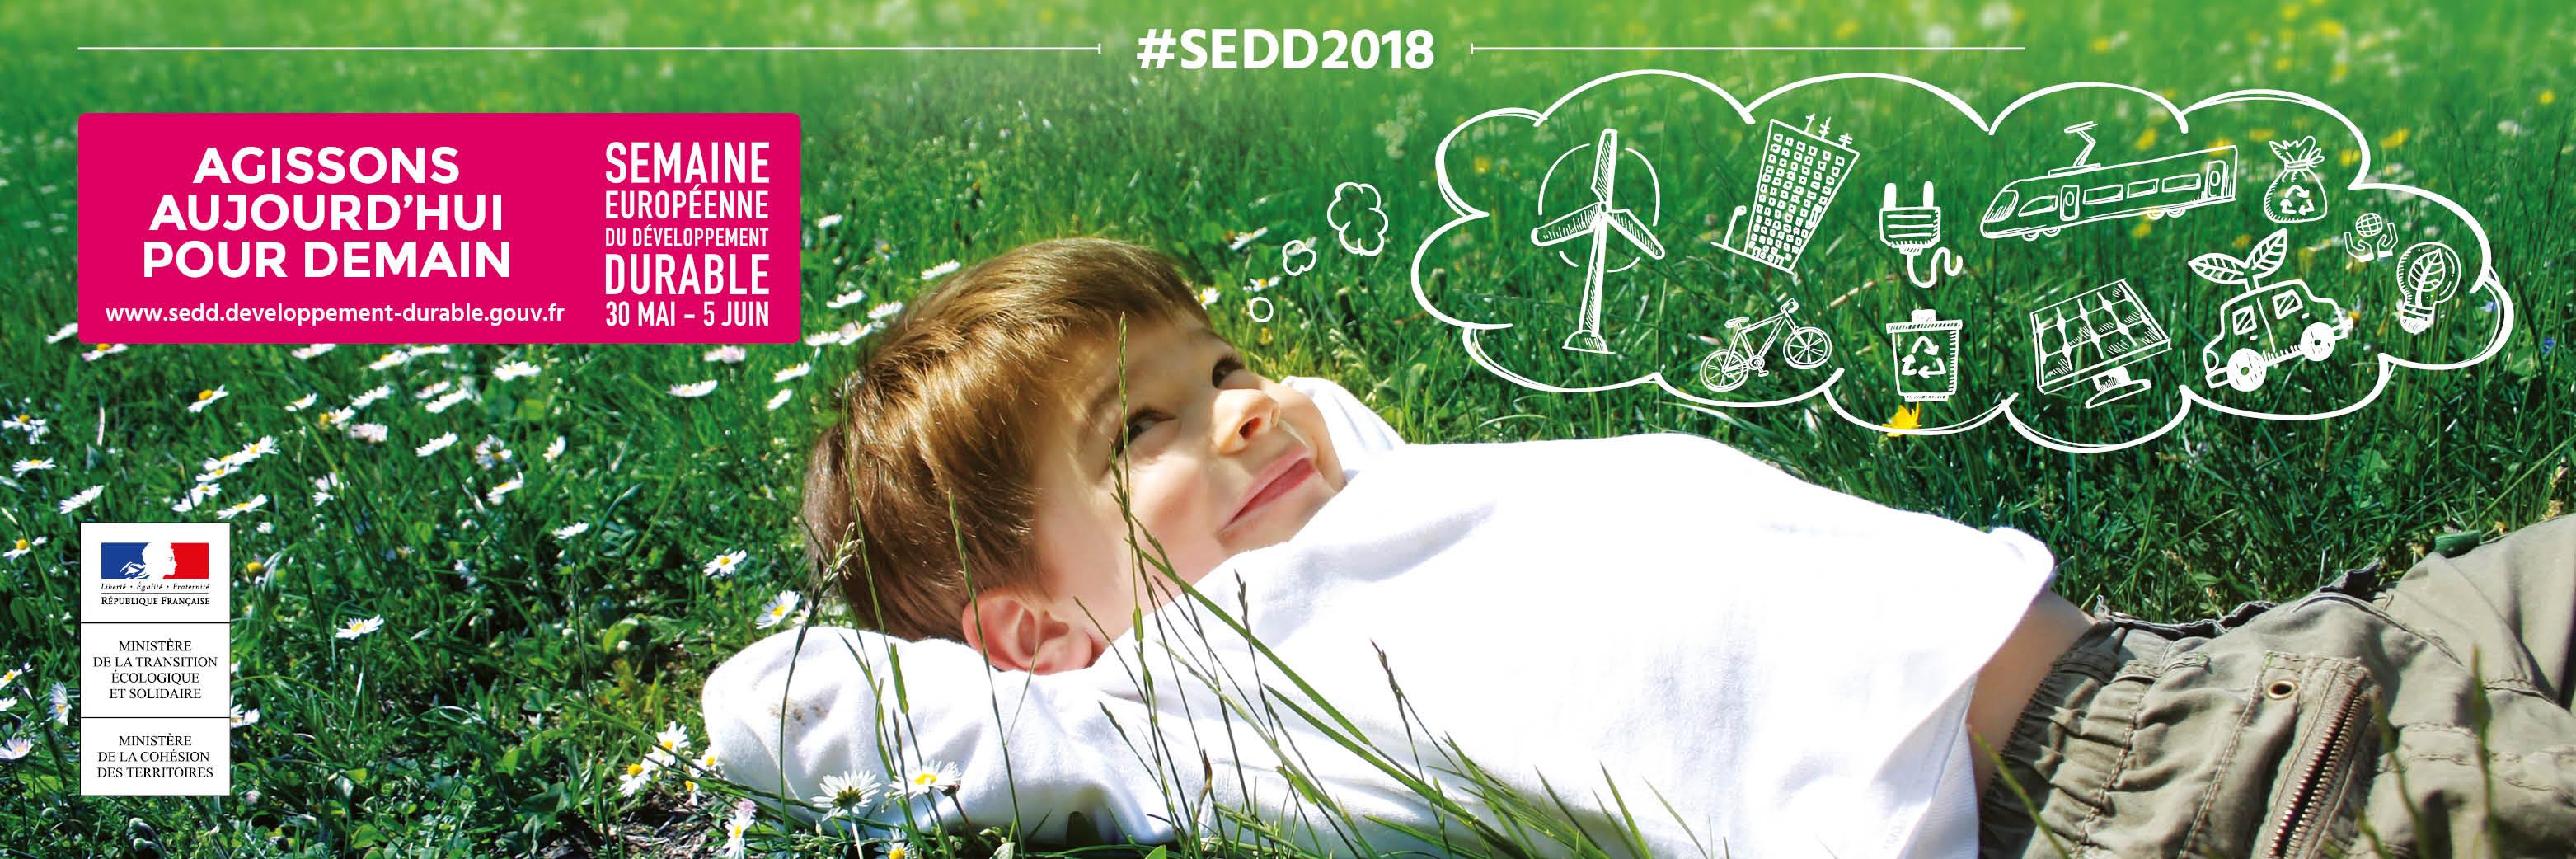 Semaine européenne développement durable 2018